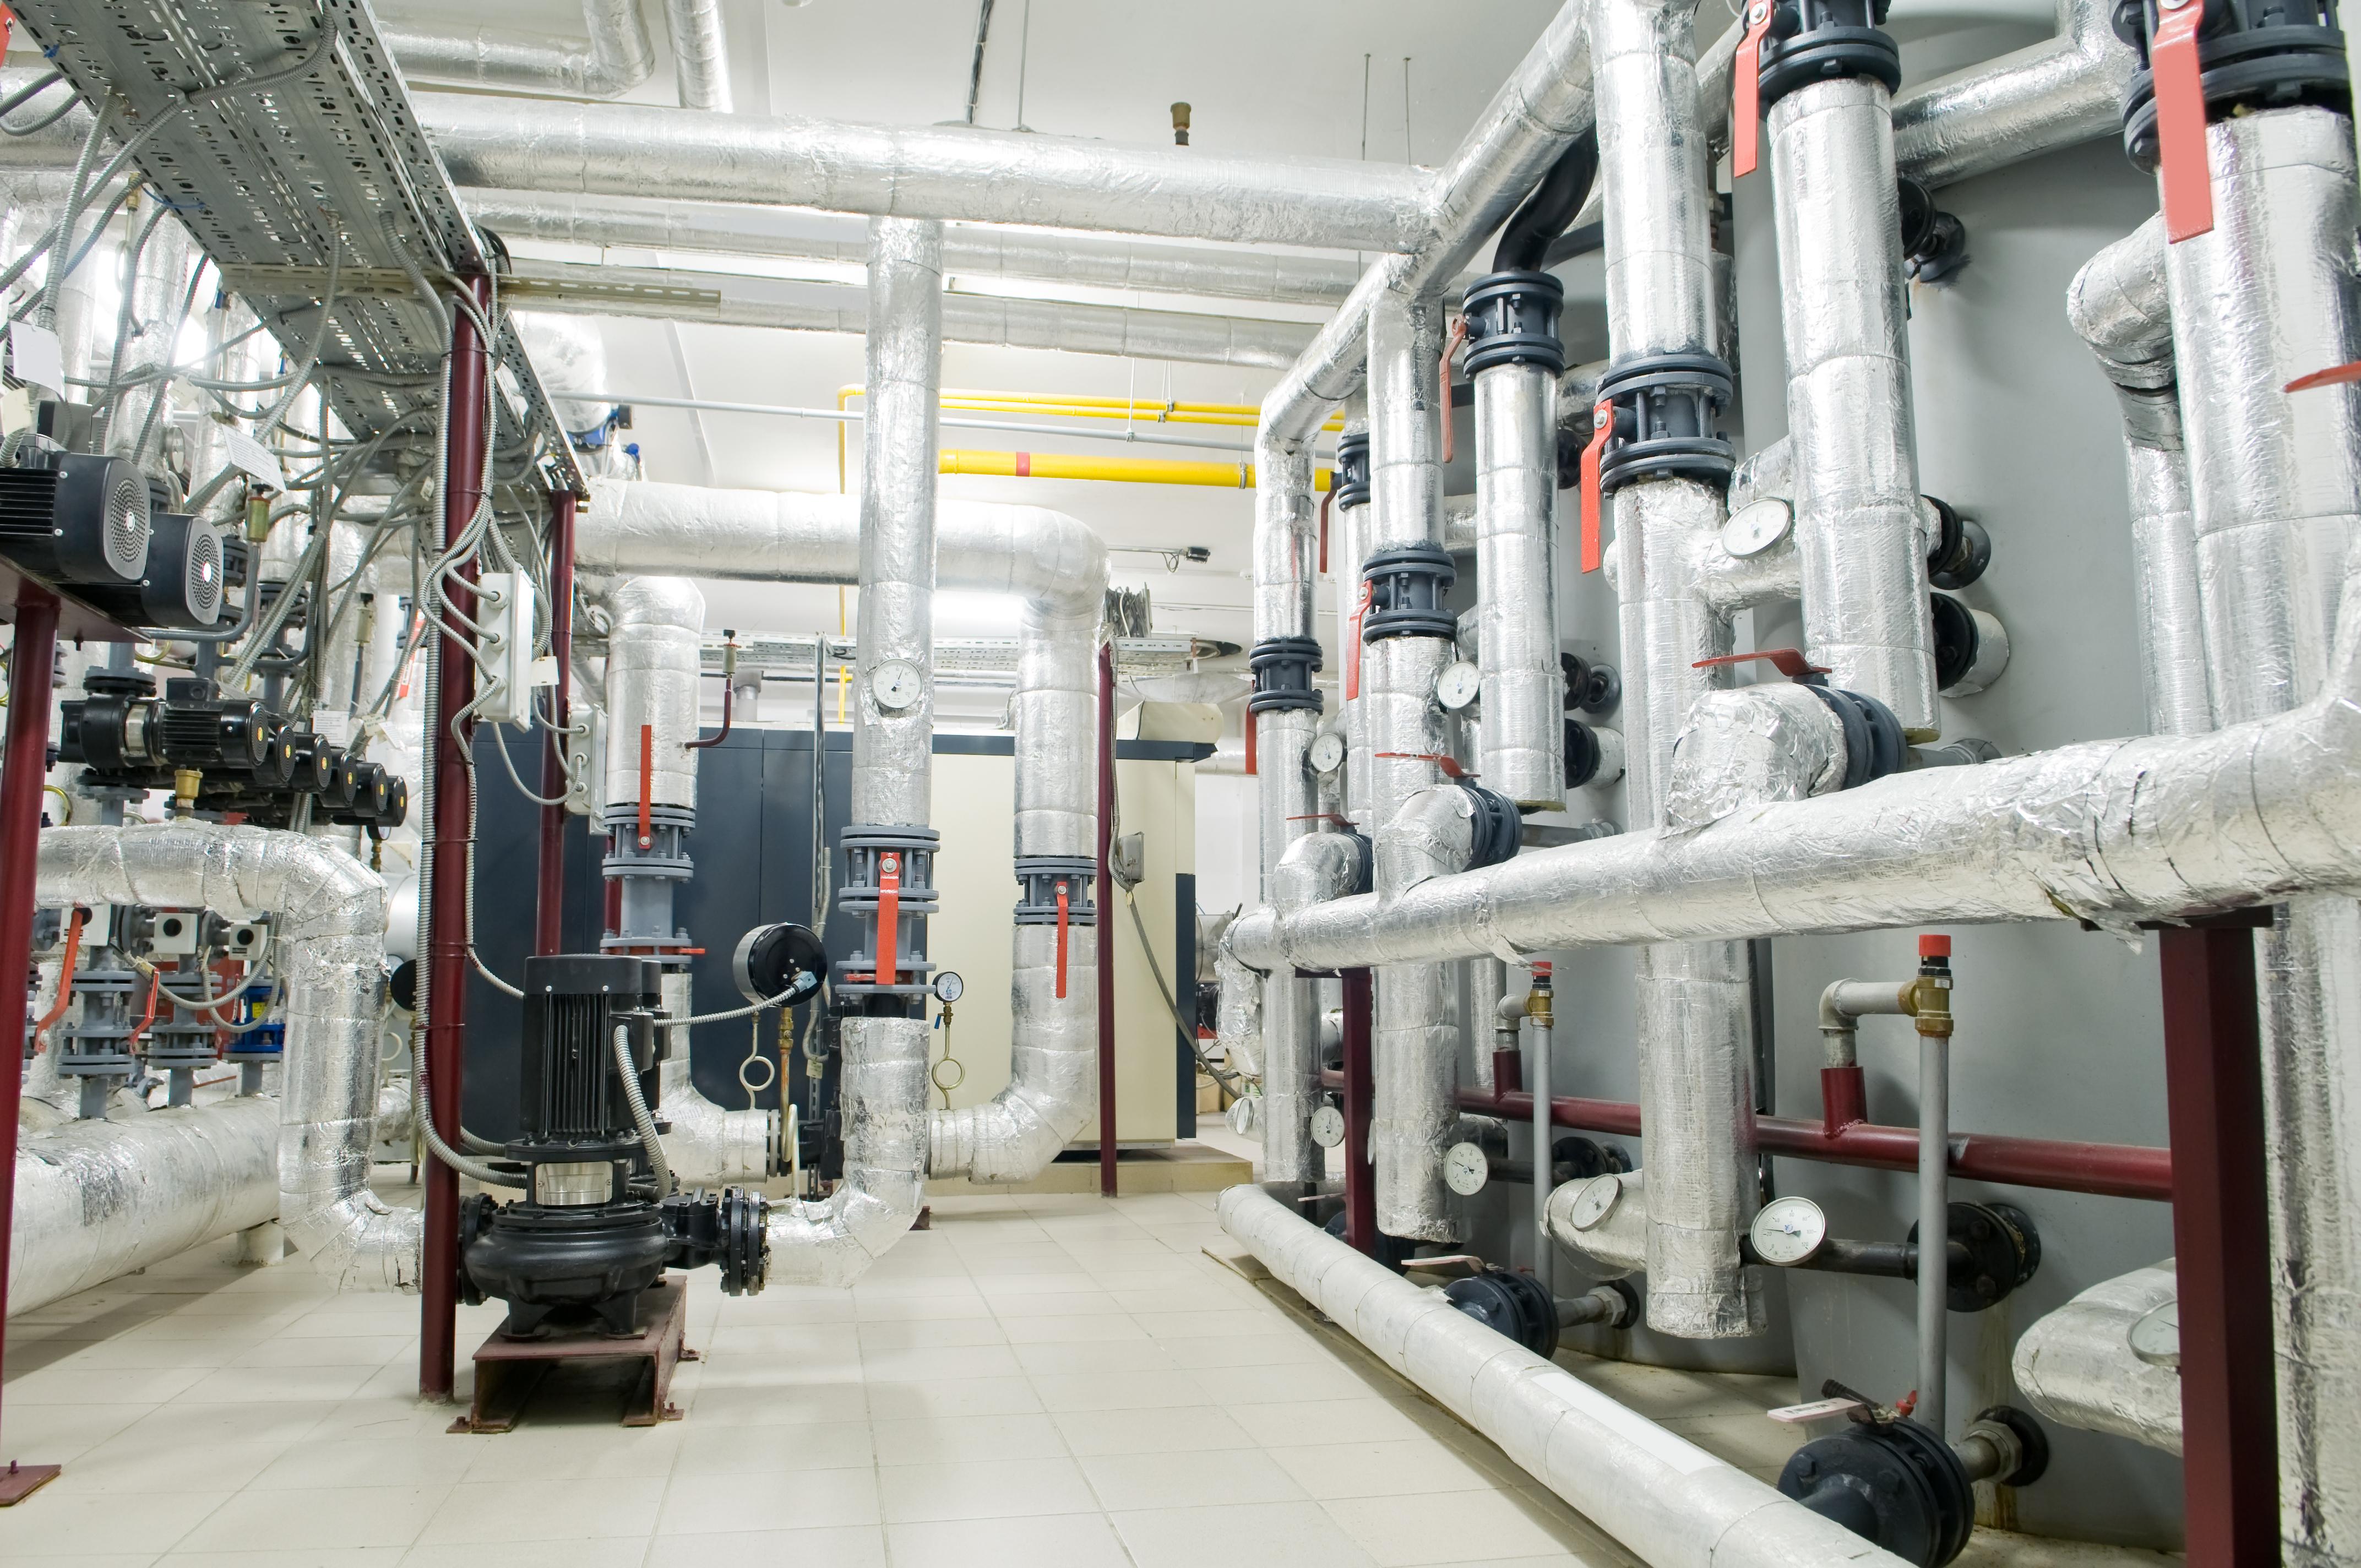 soojussõlm, soojussõlmed, soojusvaheti, soojusvahetid, regulaator, regulaatorid, pump, pumbad, paisupaak, paisupaagid, soojusmõõtja, soojusmõõtjad, veemõõtja, veemõõtjad, rõhuregulaator, rõhuregulaato